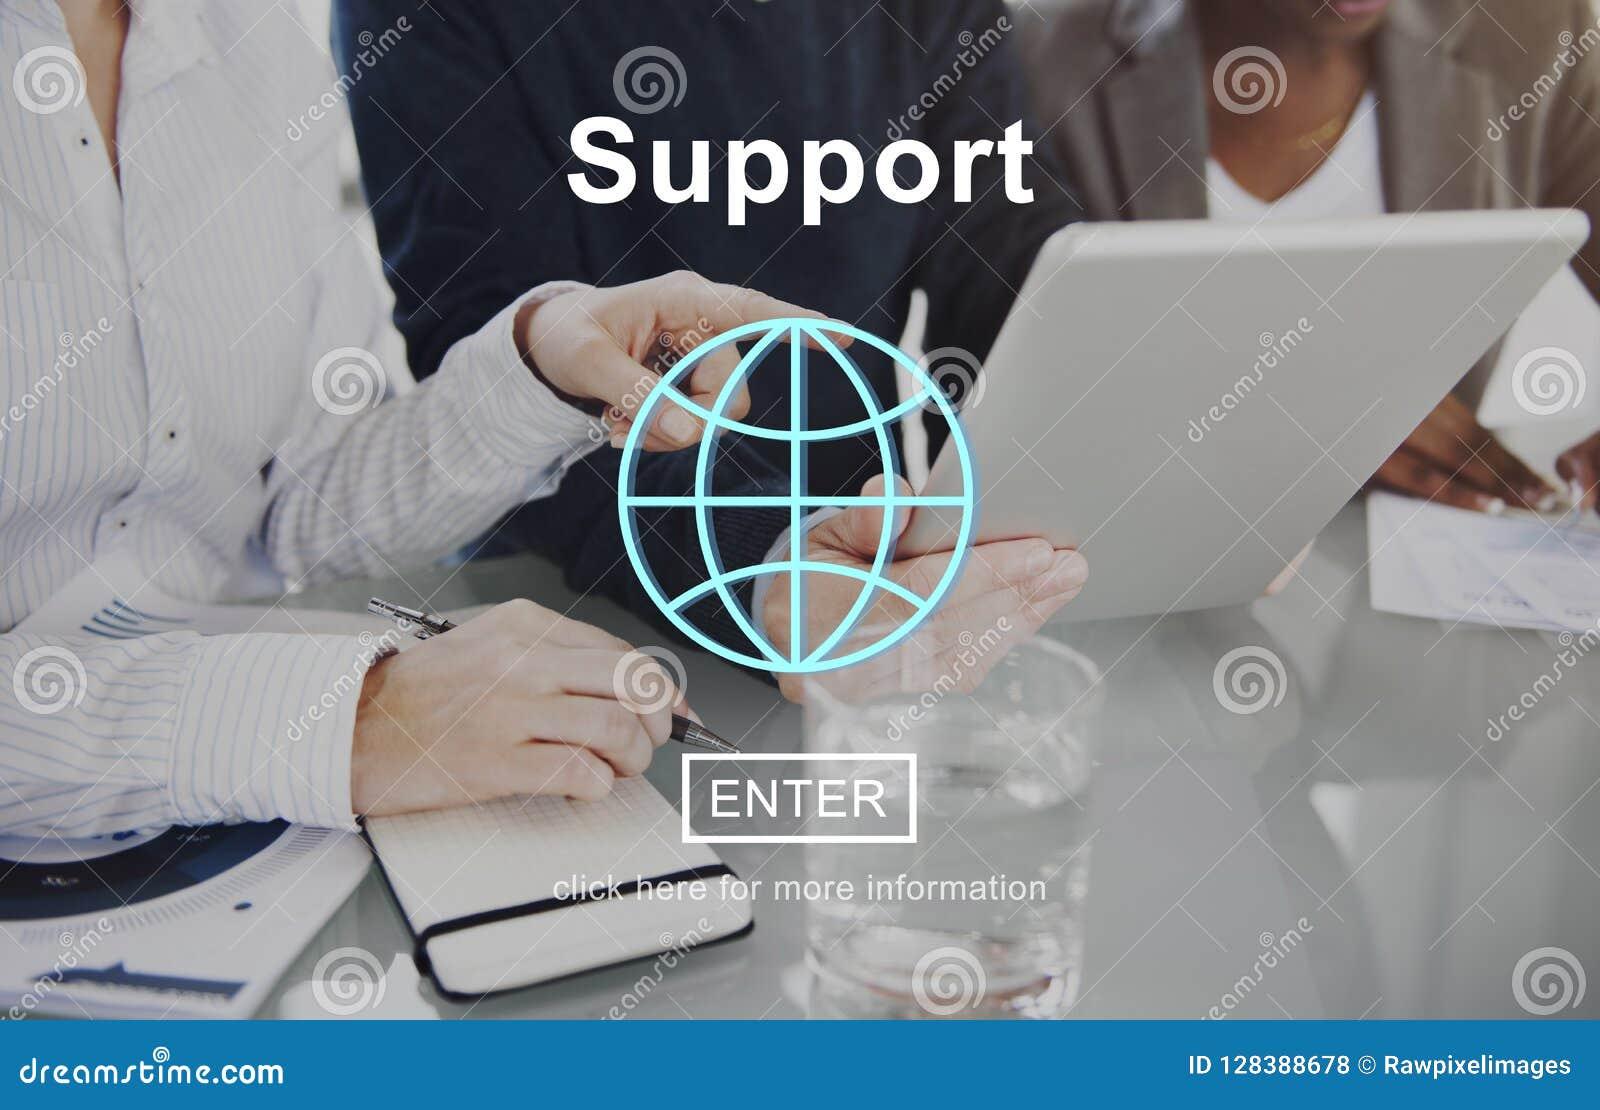 支持合作协助帮助刺激概念